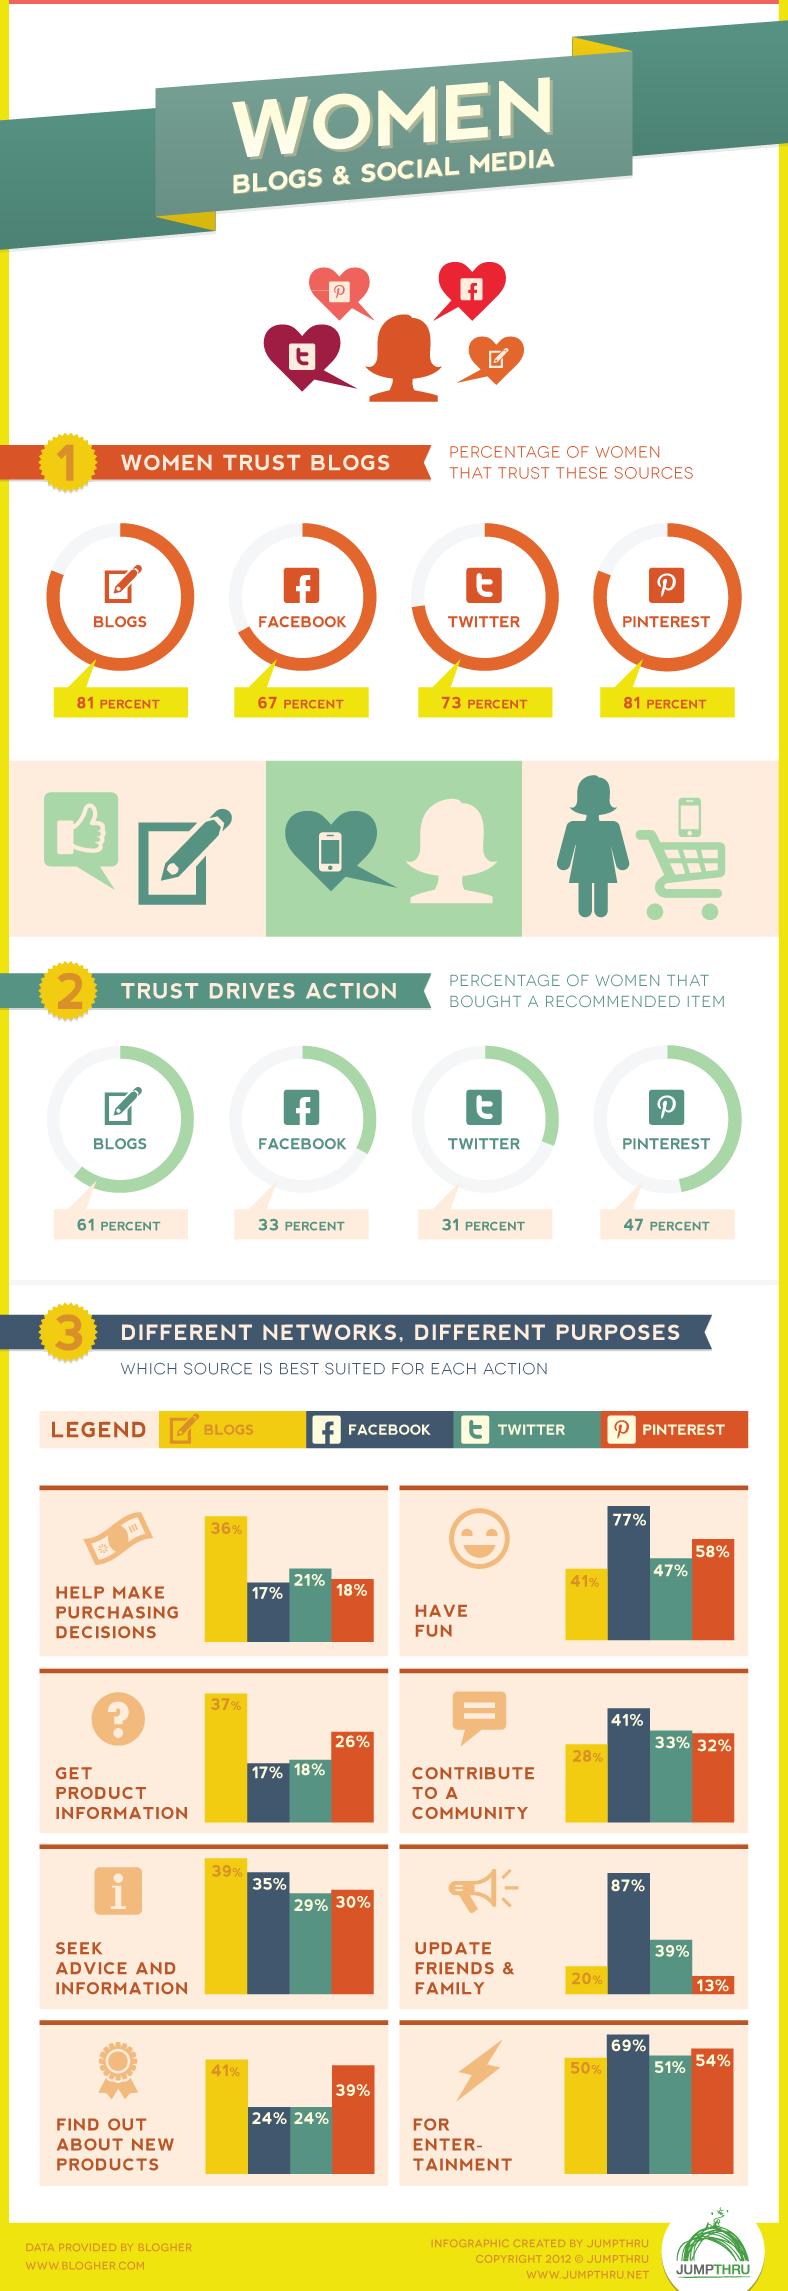 Women-Blogs-&-Social-Media-infographic